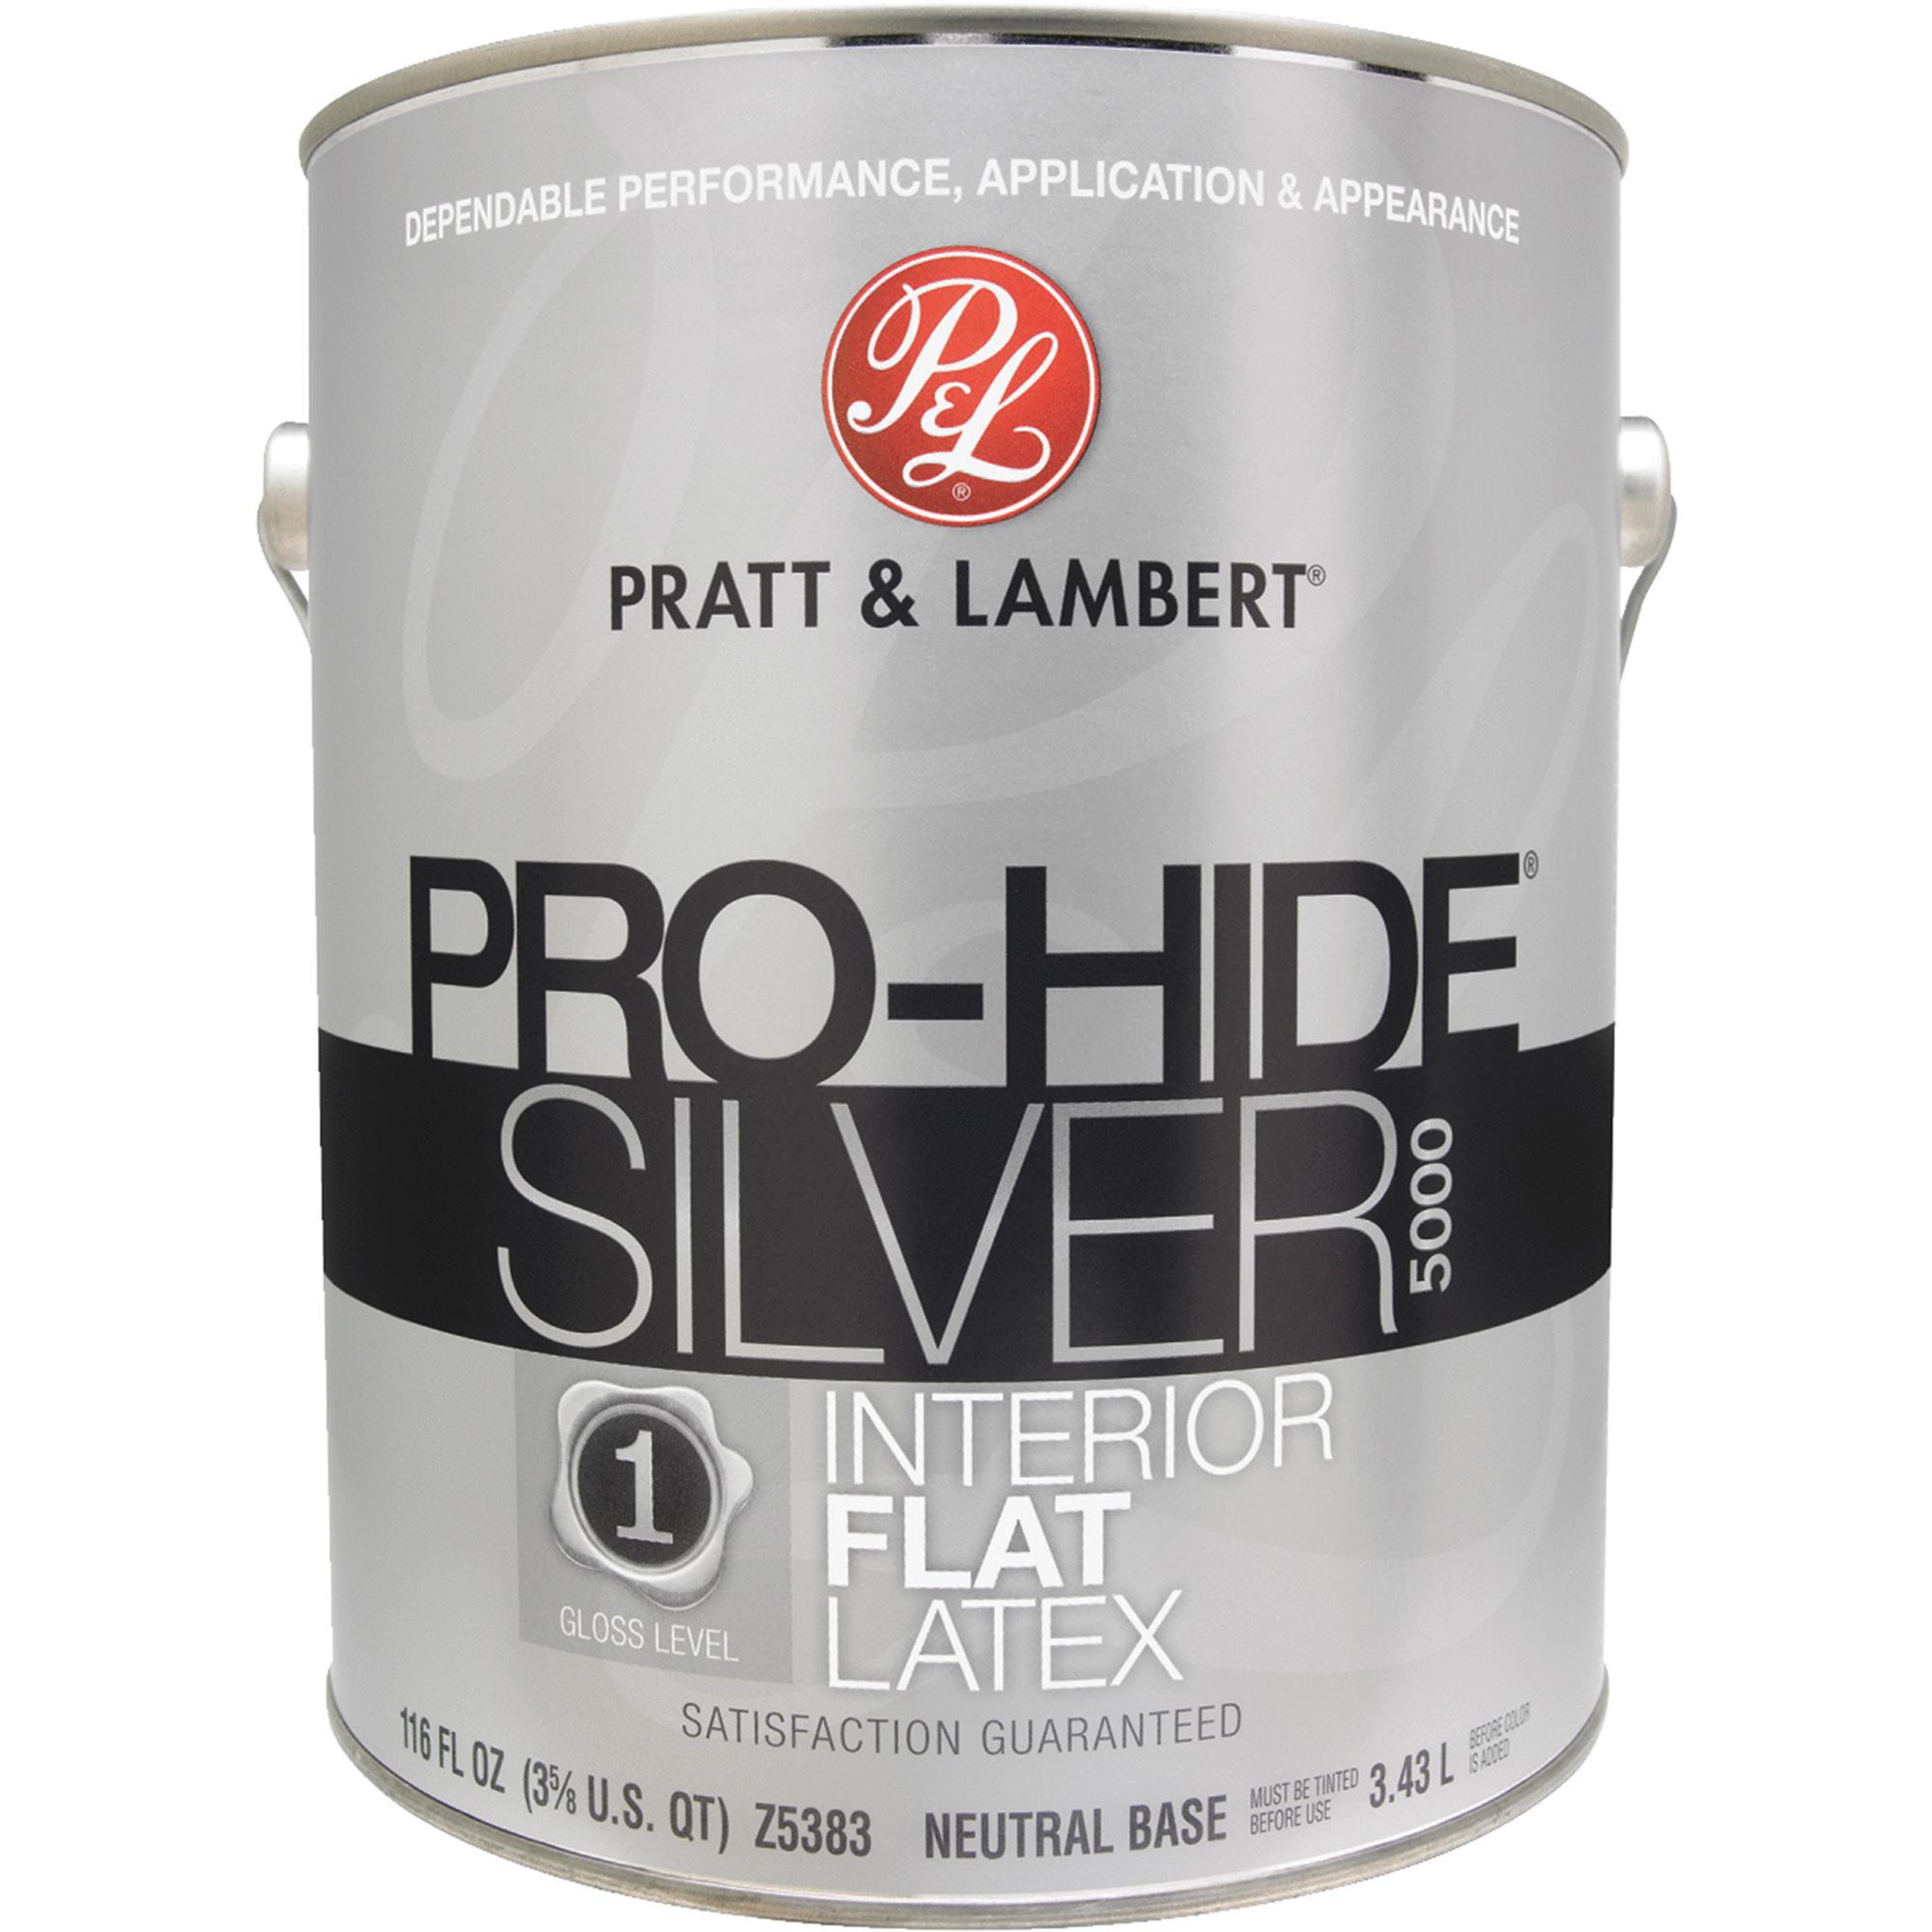 Pratt Lambert Pro Hide Silver 5000 Latex Flat Interior Wall Paint